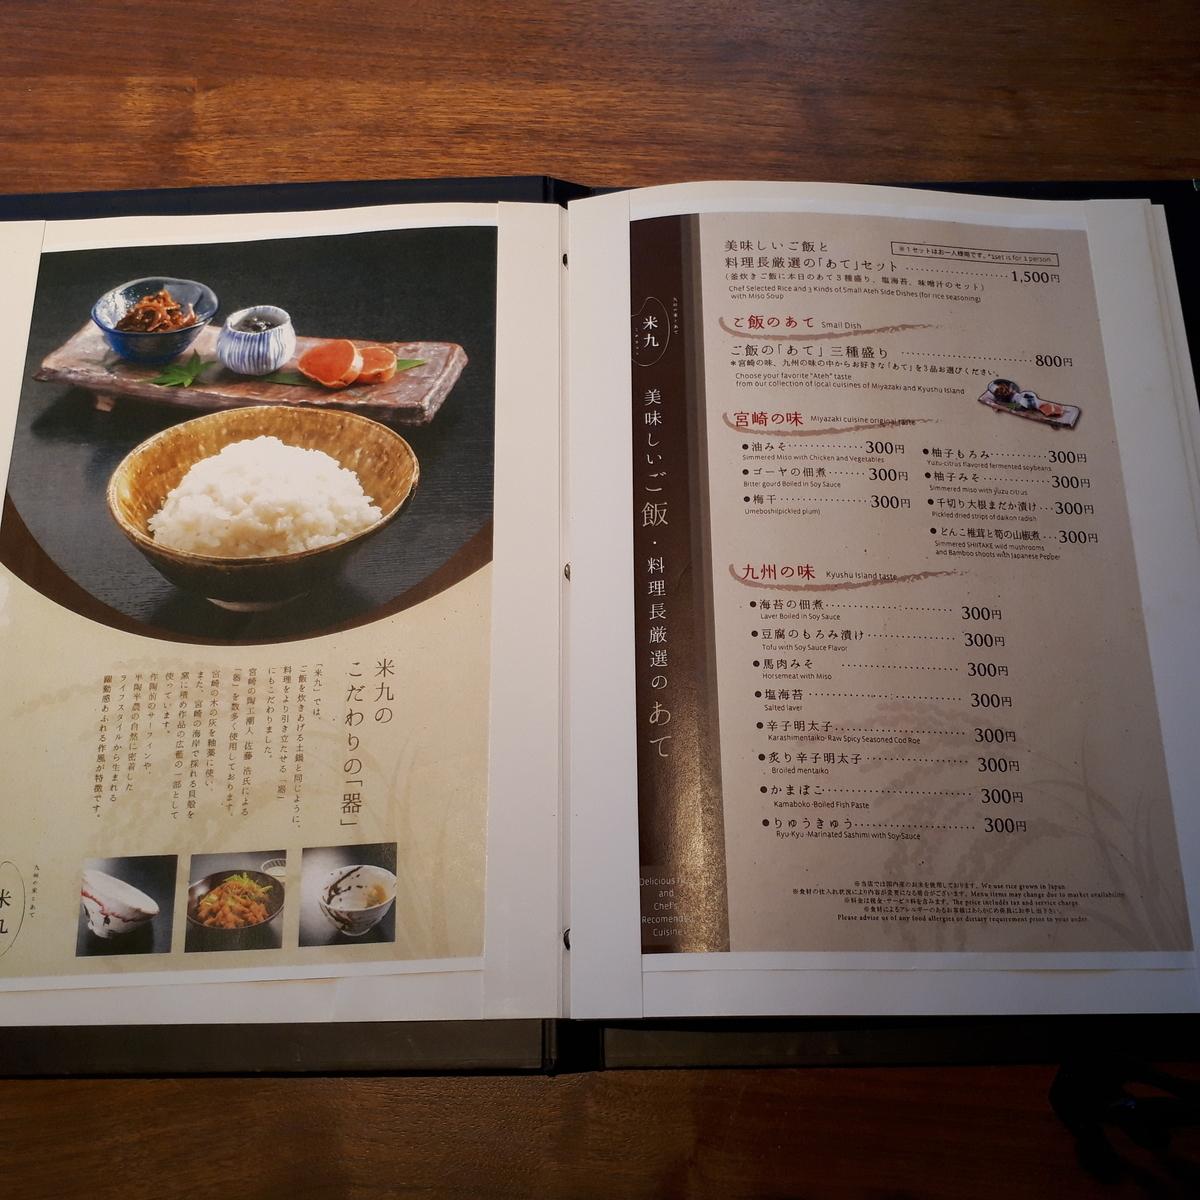 シェラトングランデオーシャンリゾート 米九 メニュー おいしいご飯 料理長特選のあて